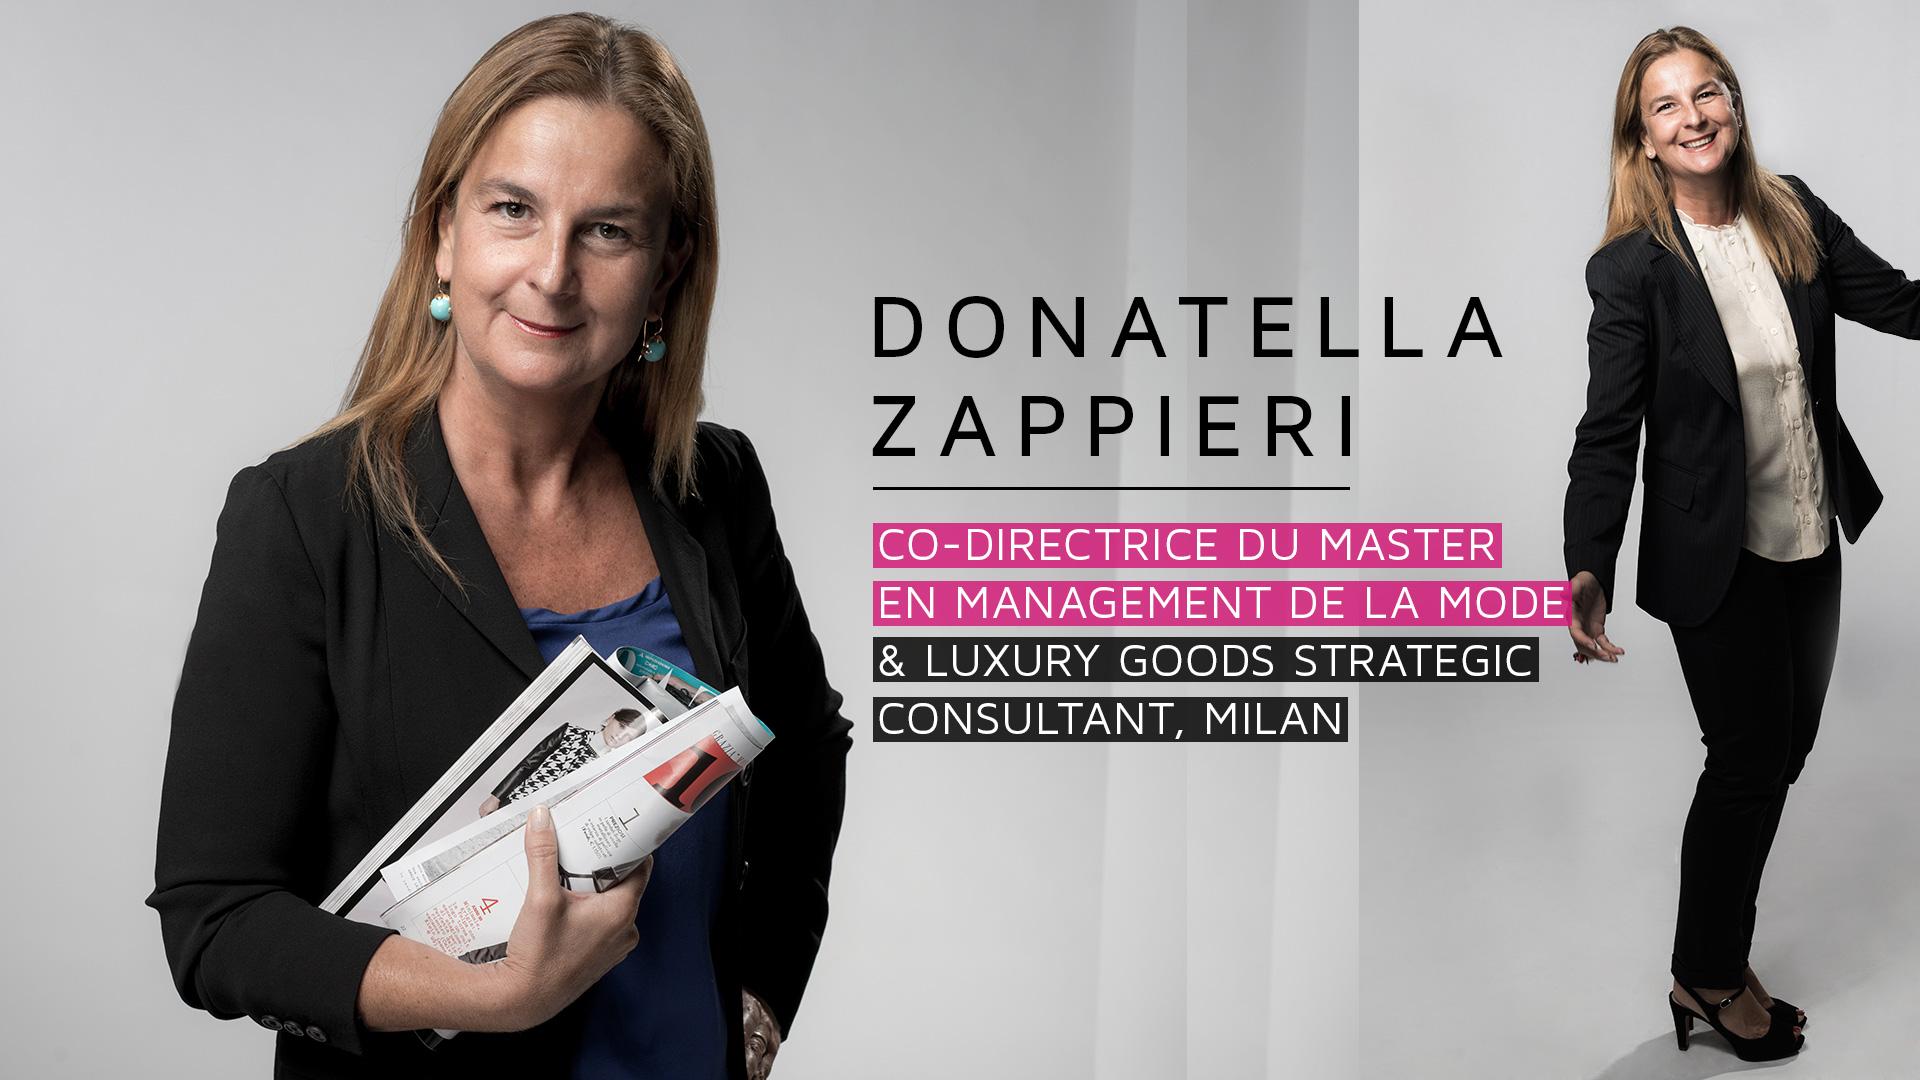 donatella-zappieri-master-management-de-la-mode